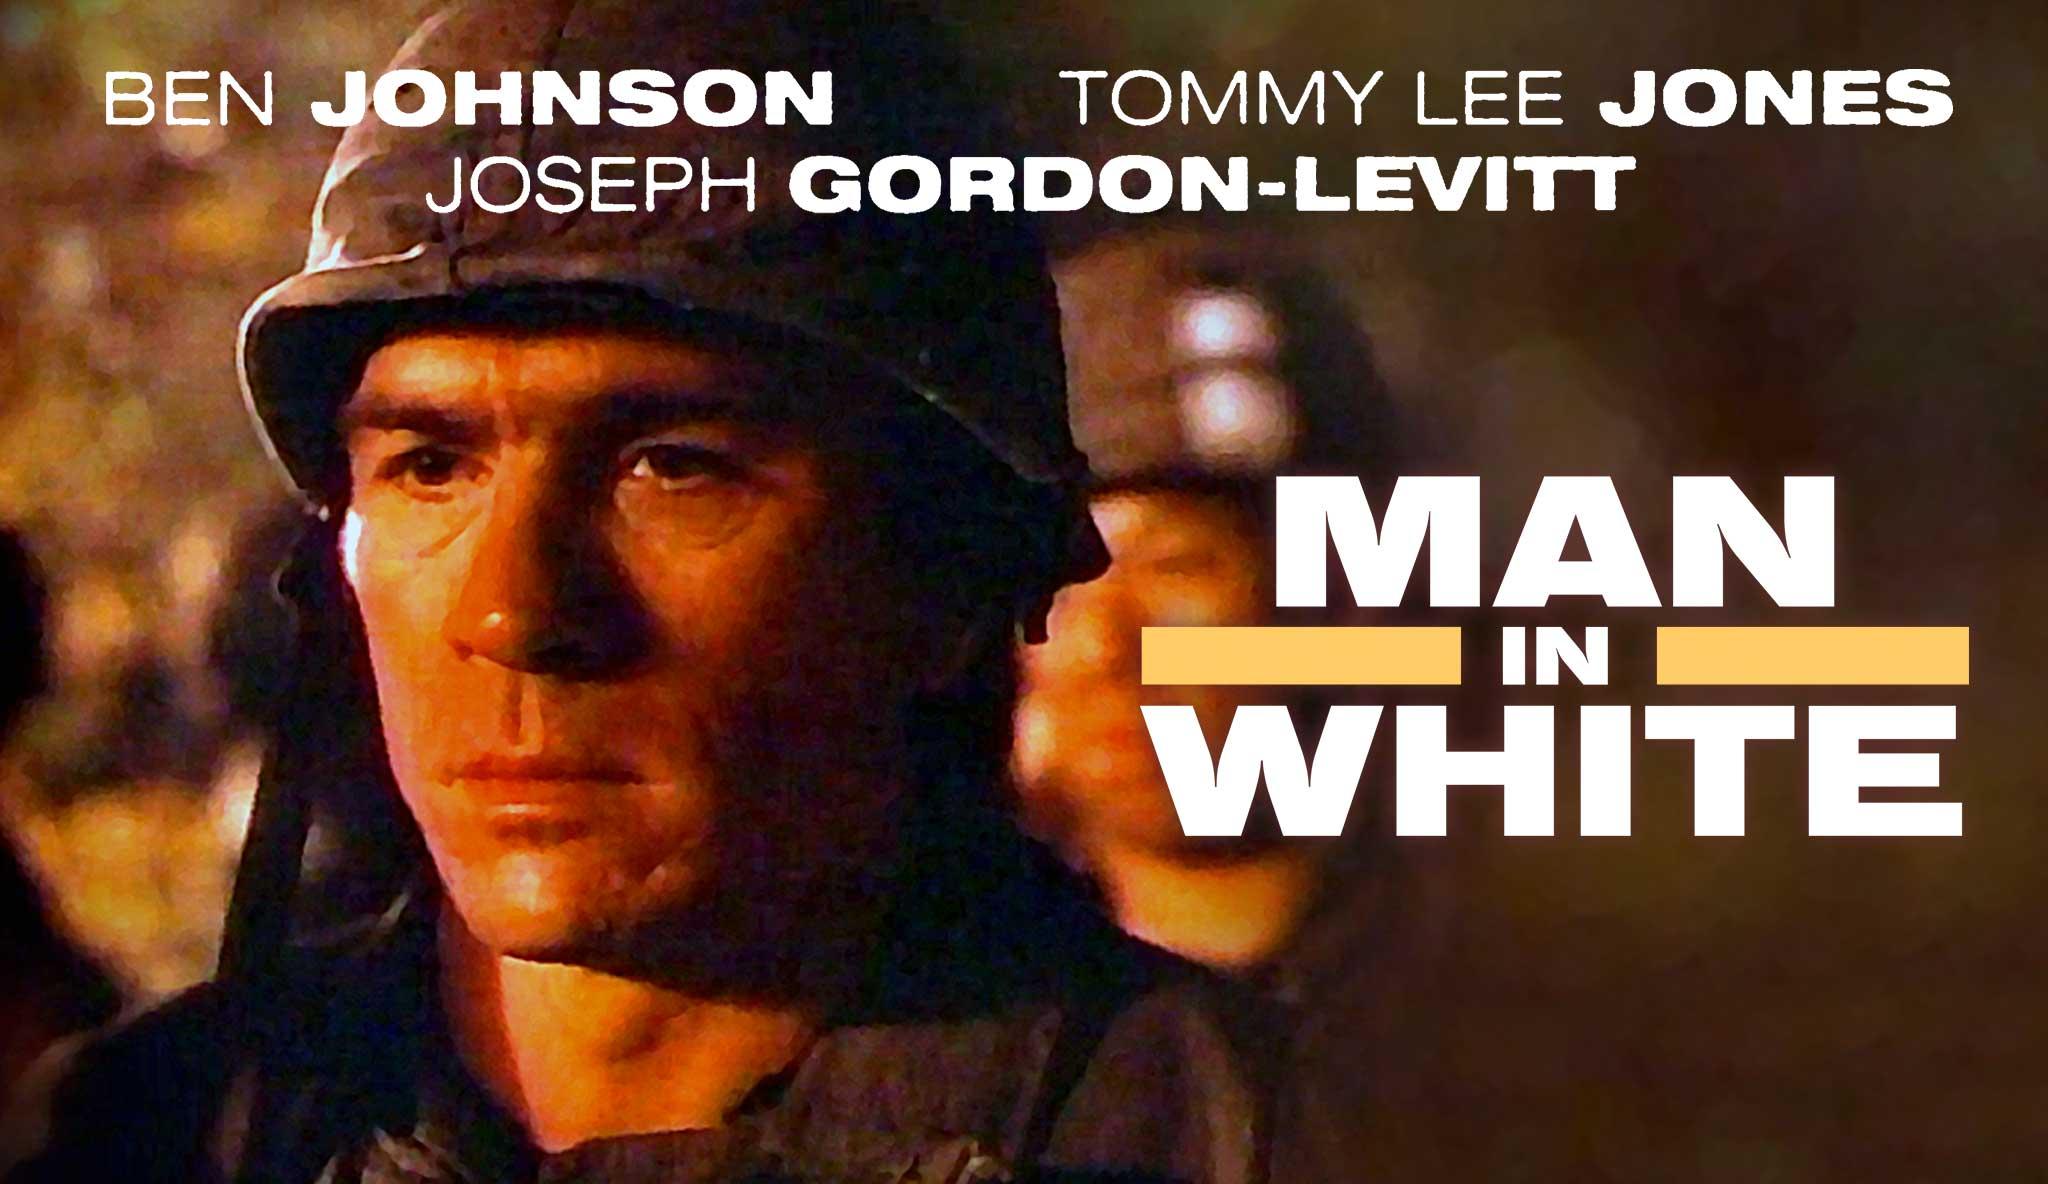 man-in-white\header.jpg